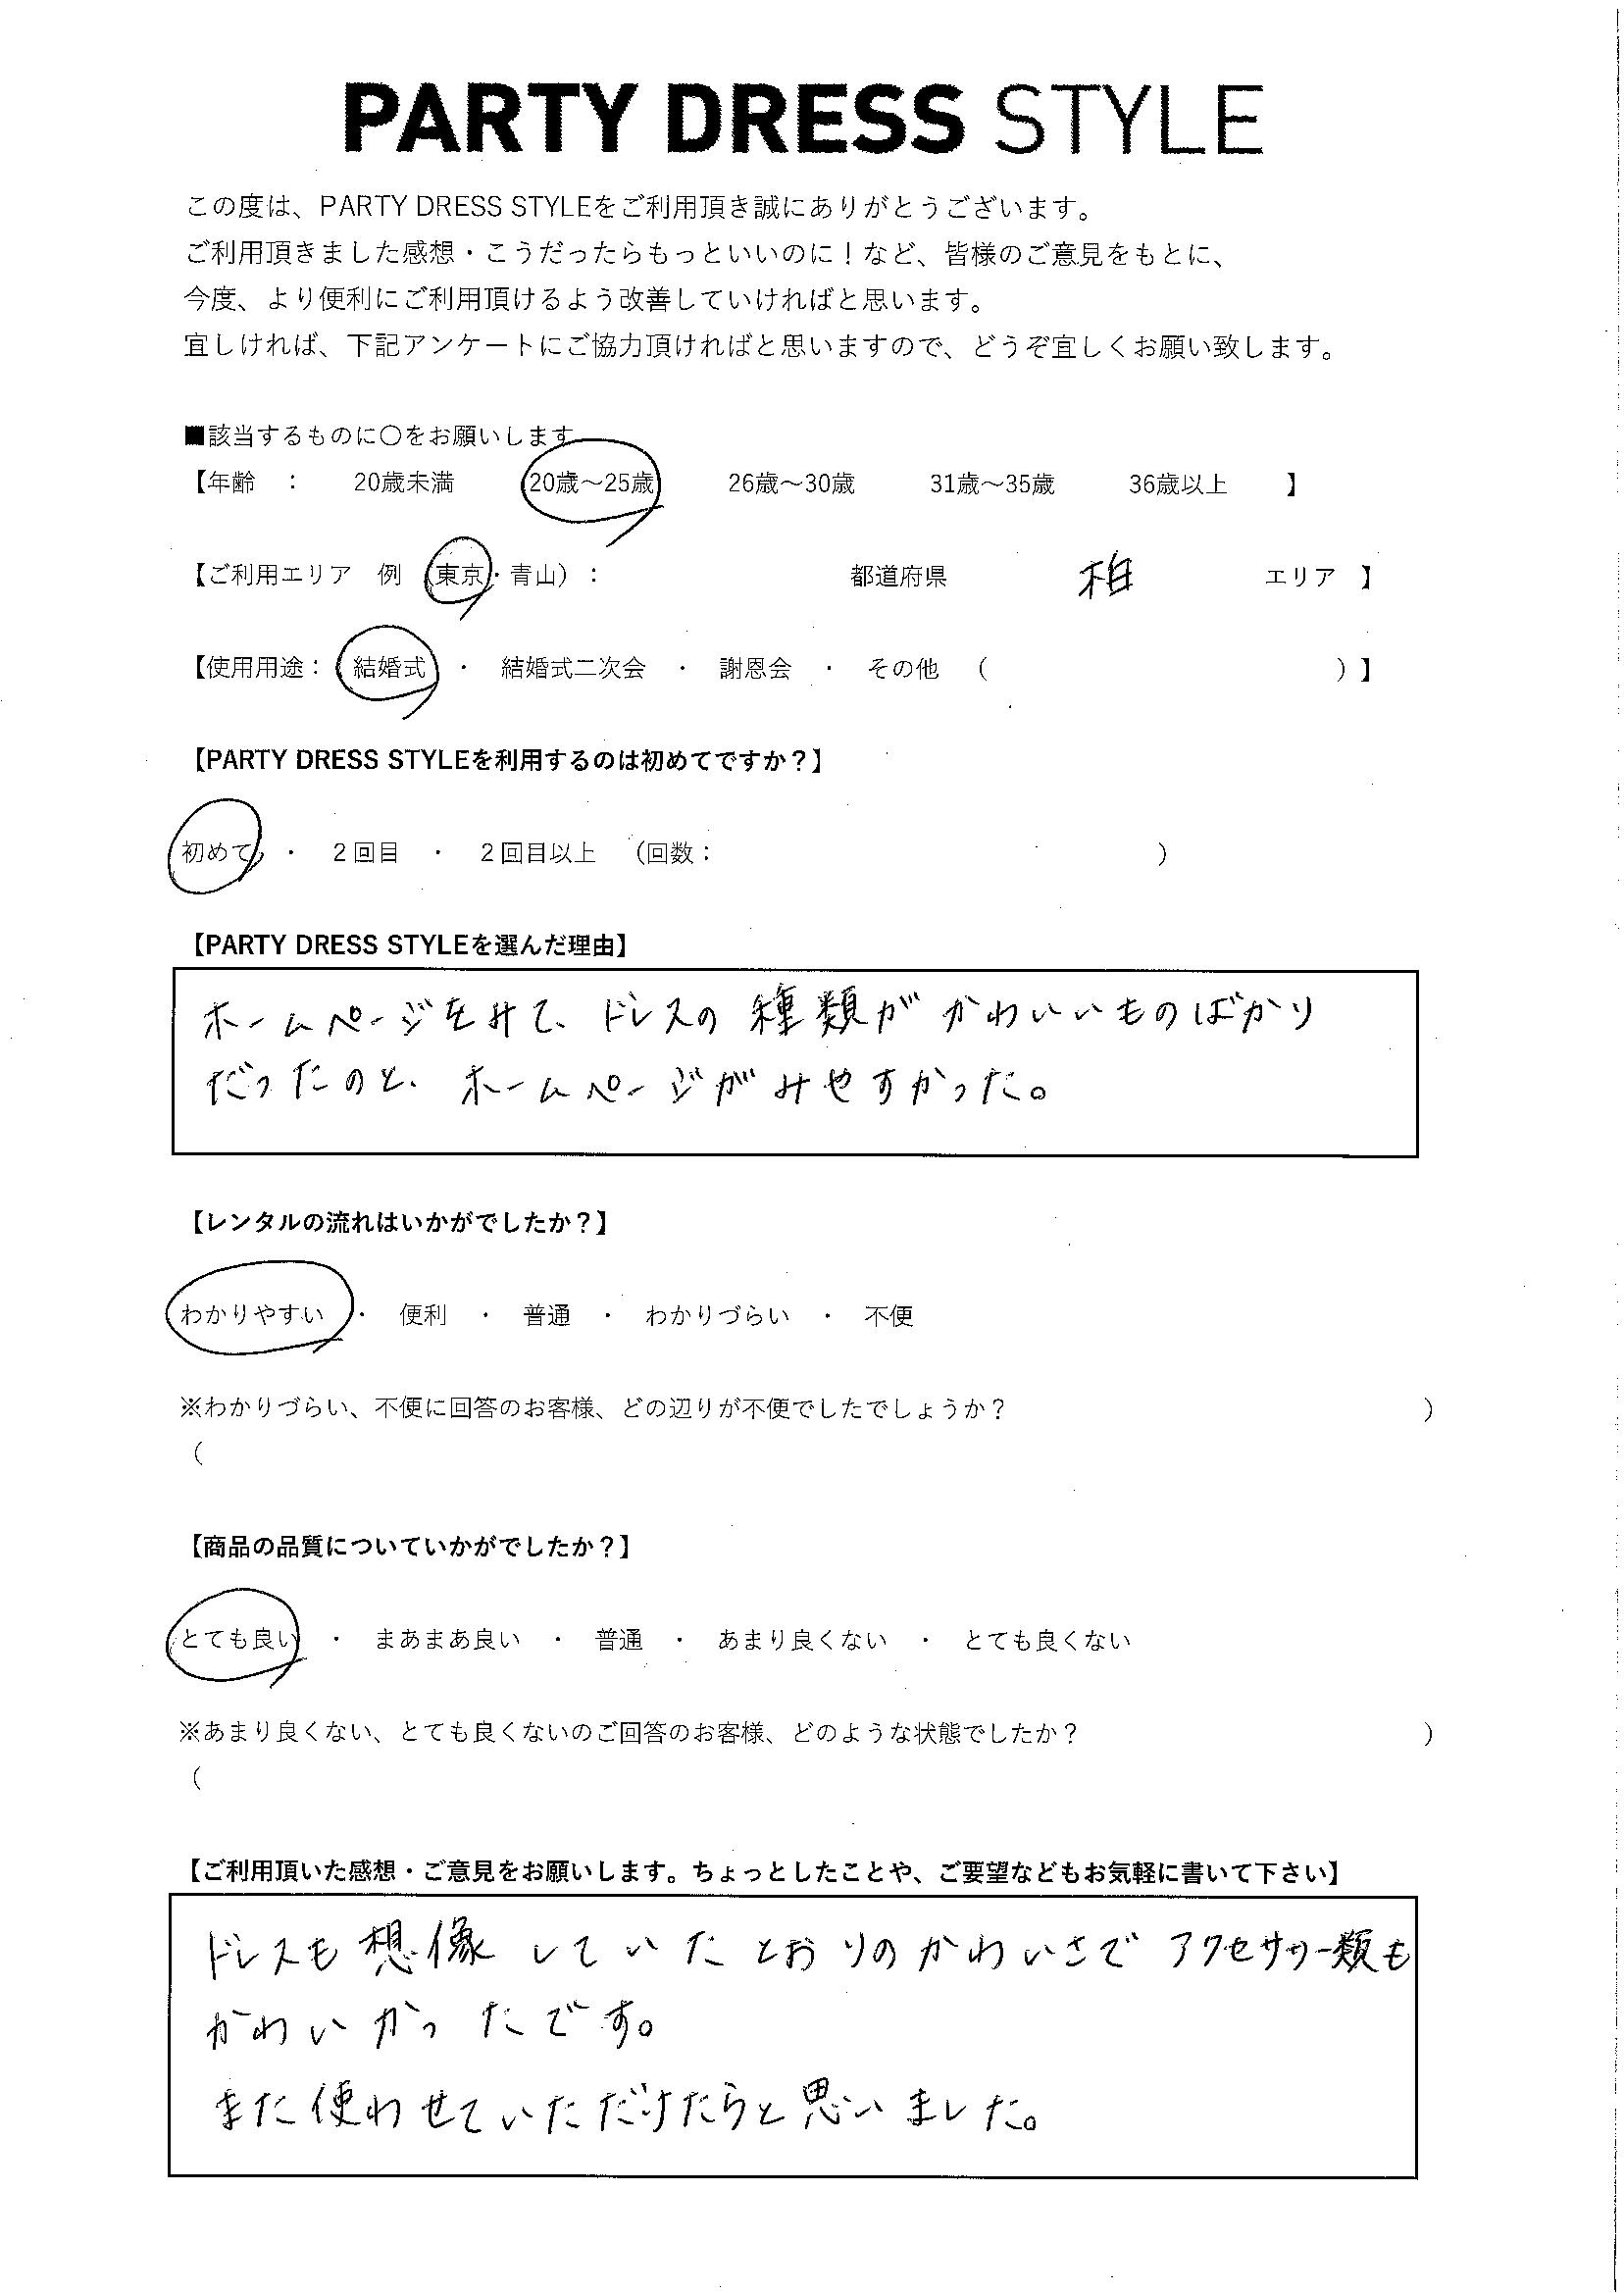 1/13結婚式ご利用 東京・柏エリア